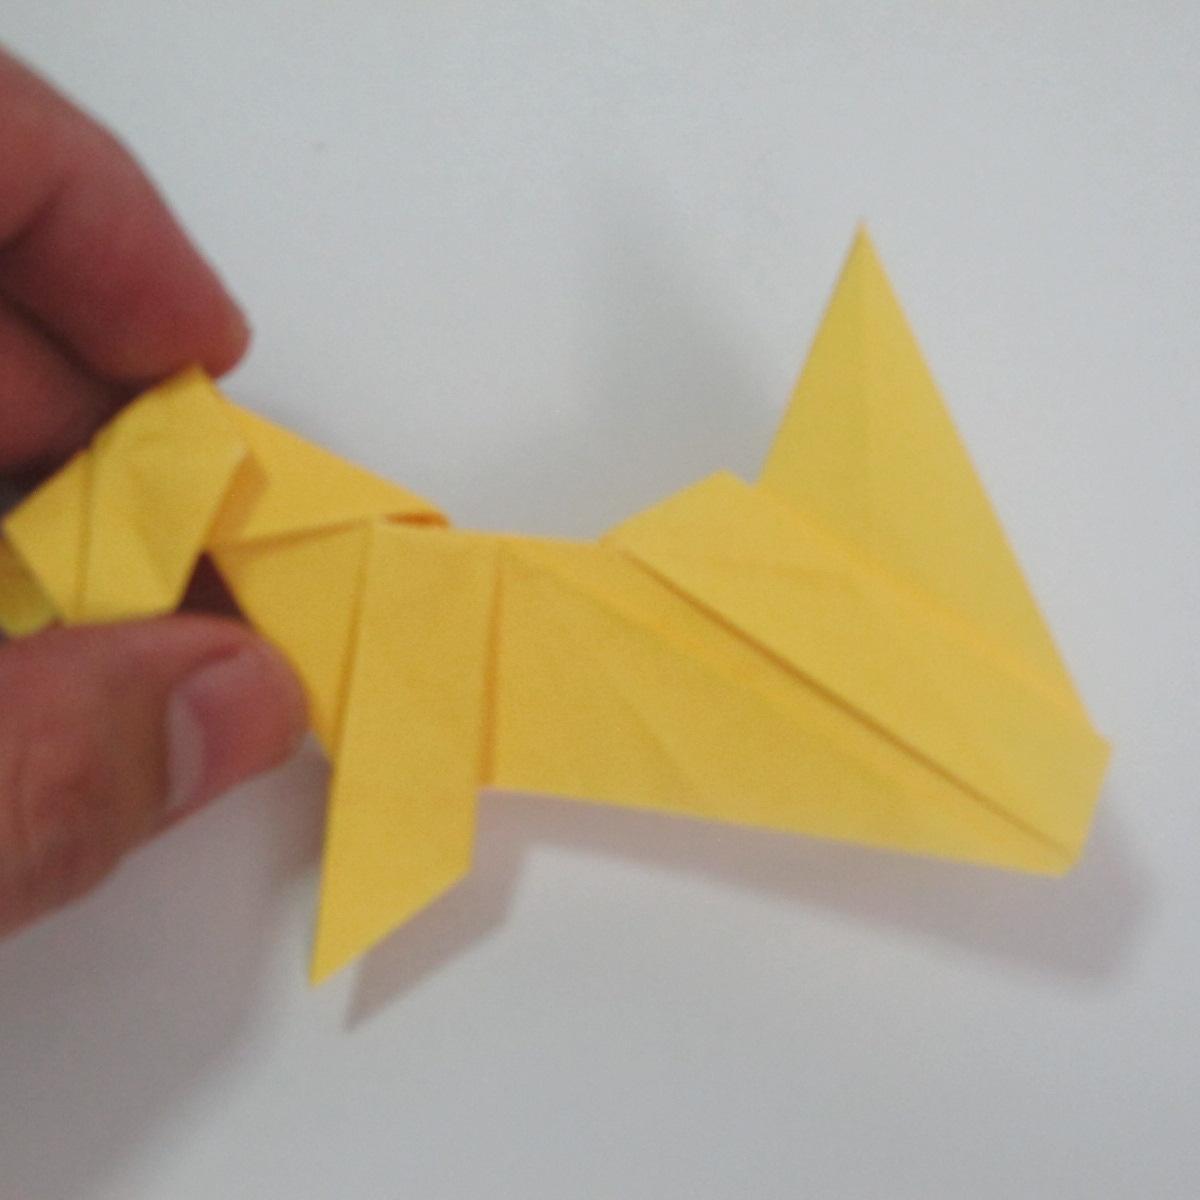 สอนวิธีพับกระดาษเป็นรูปลูกสุนัขยืนสองขา แบบของพอล ฟราสโก้ (Down Boy Dog Origami) 108